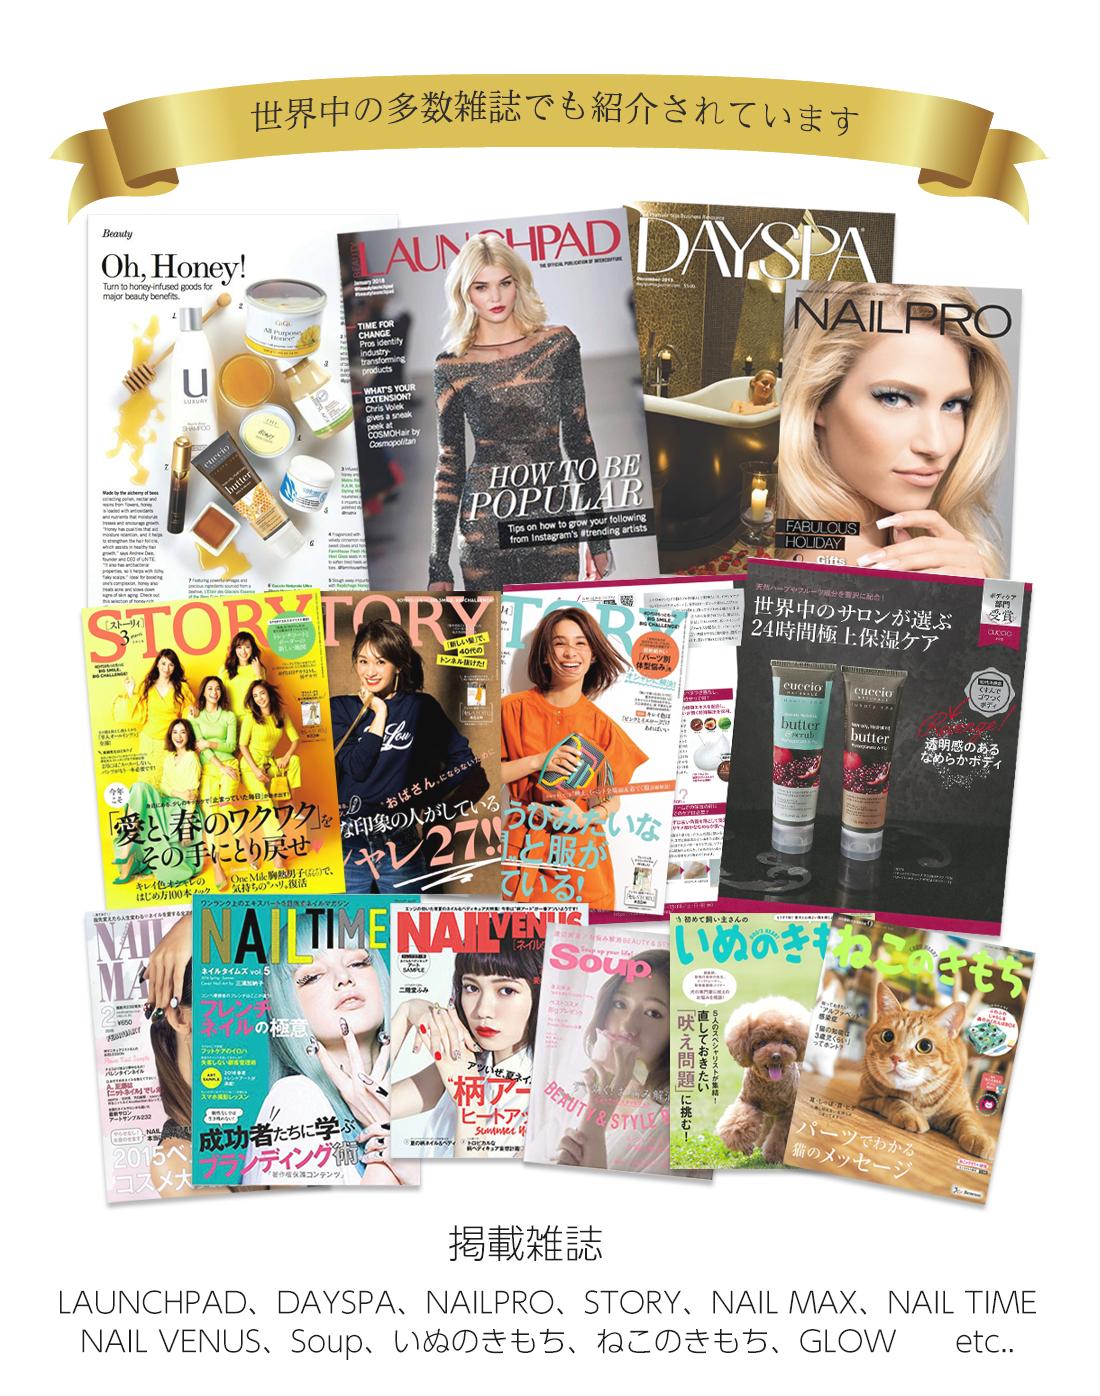 雑誌掲載 世界中の多数雑誌でも紹介されています